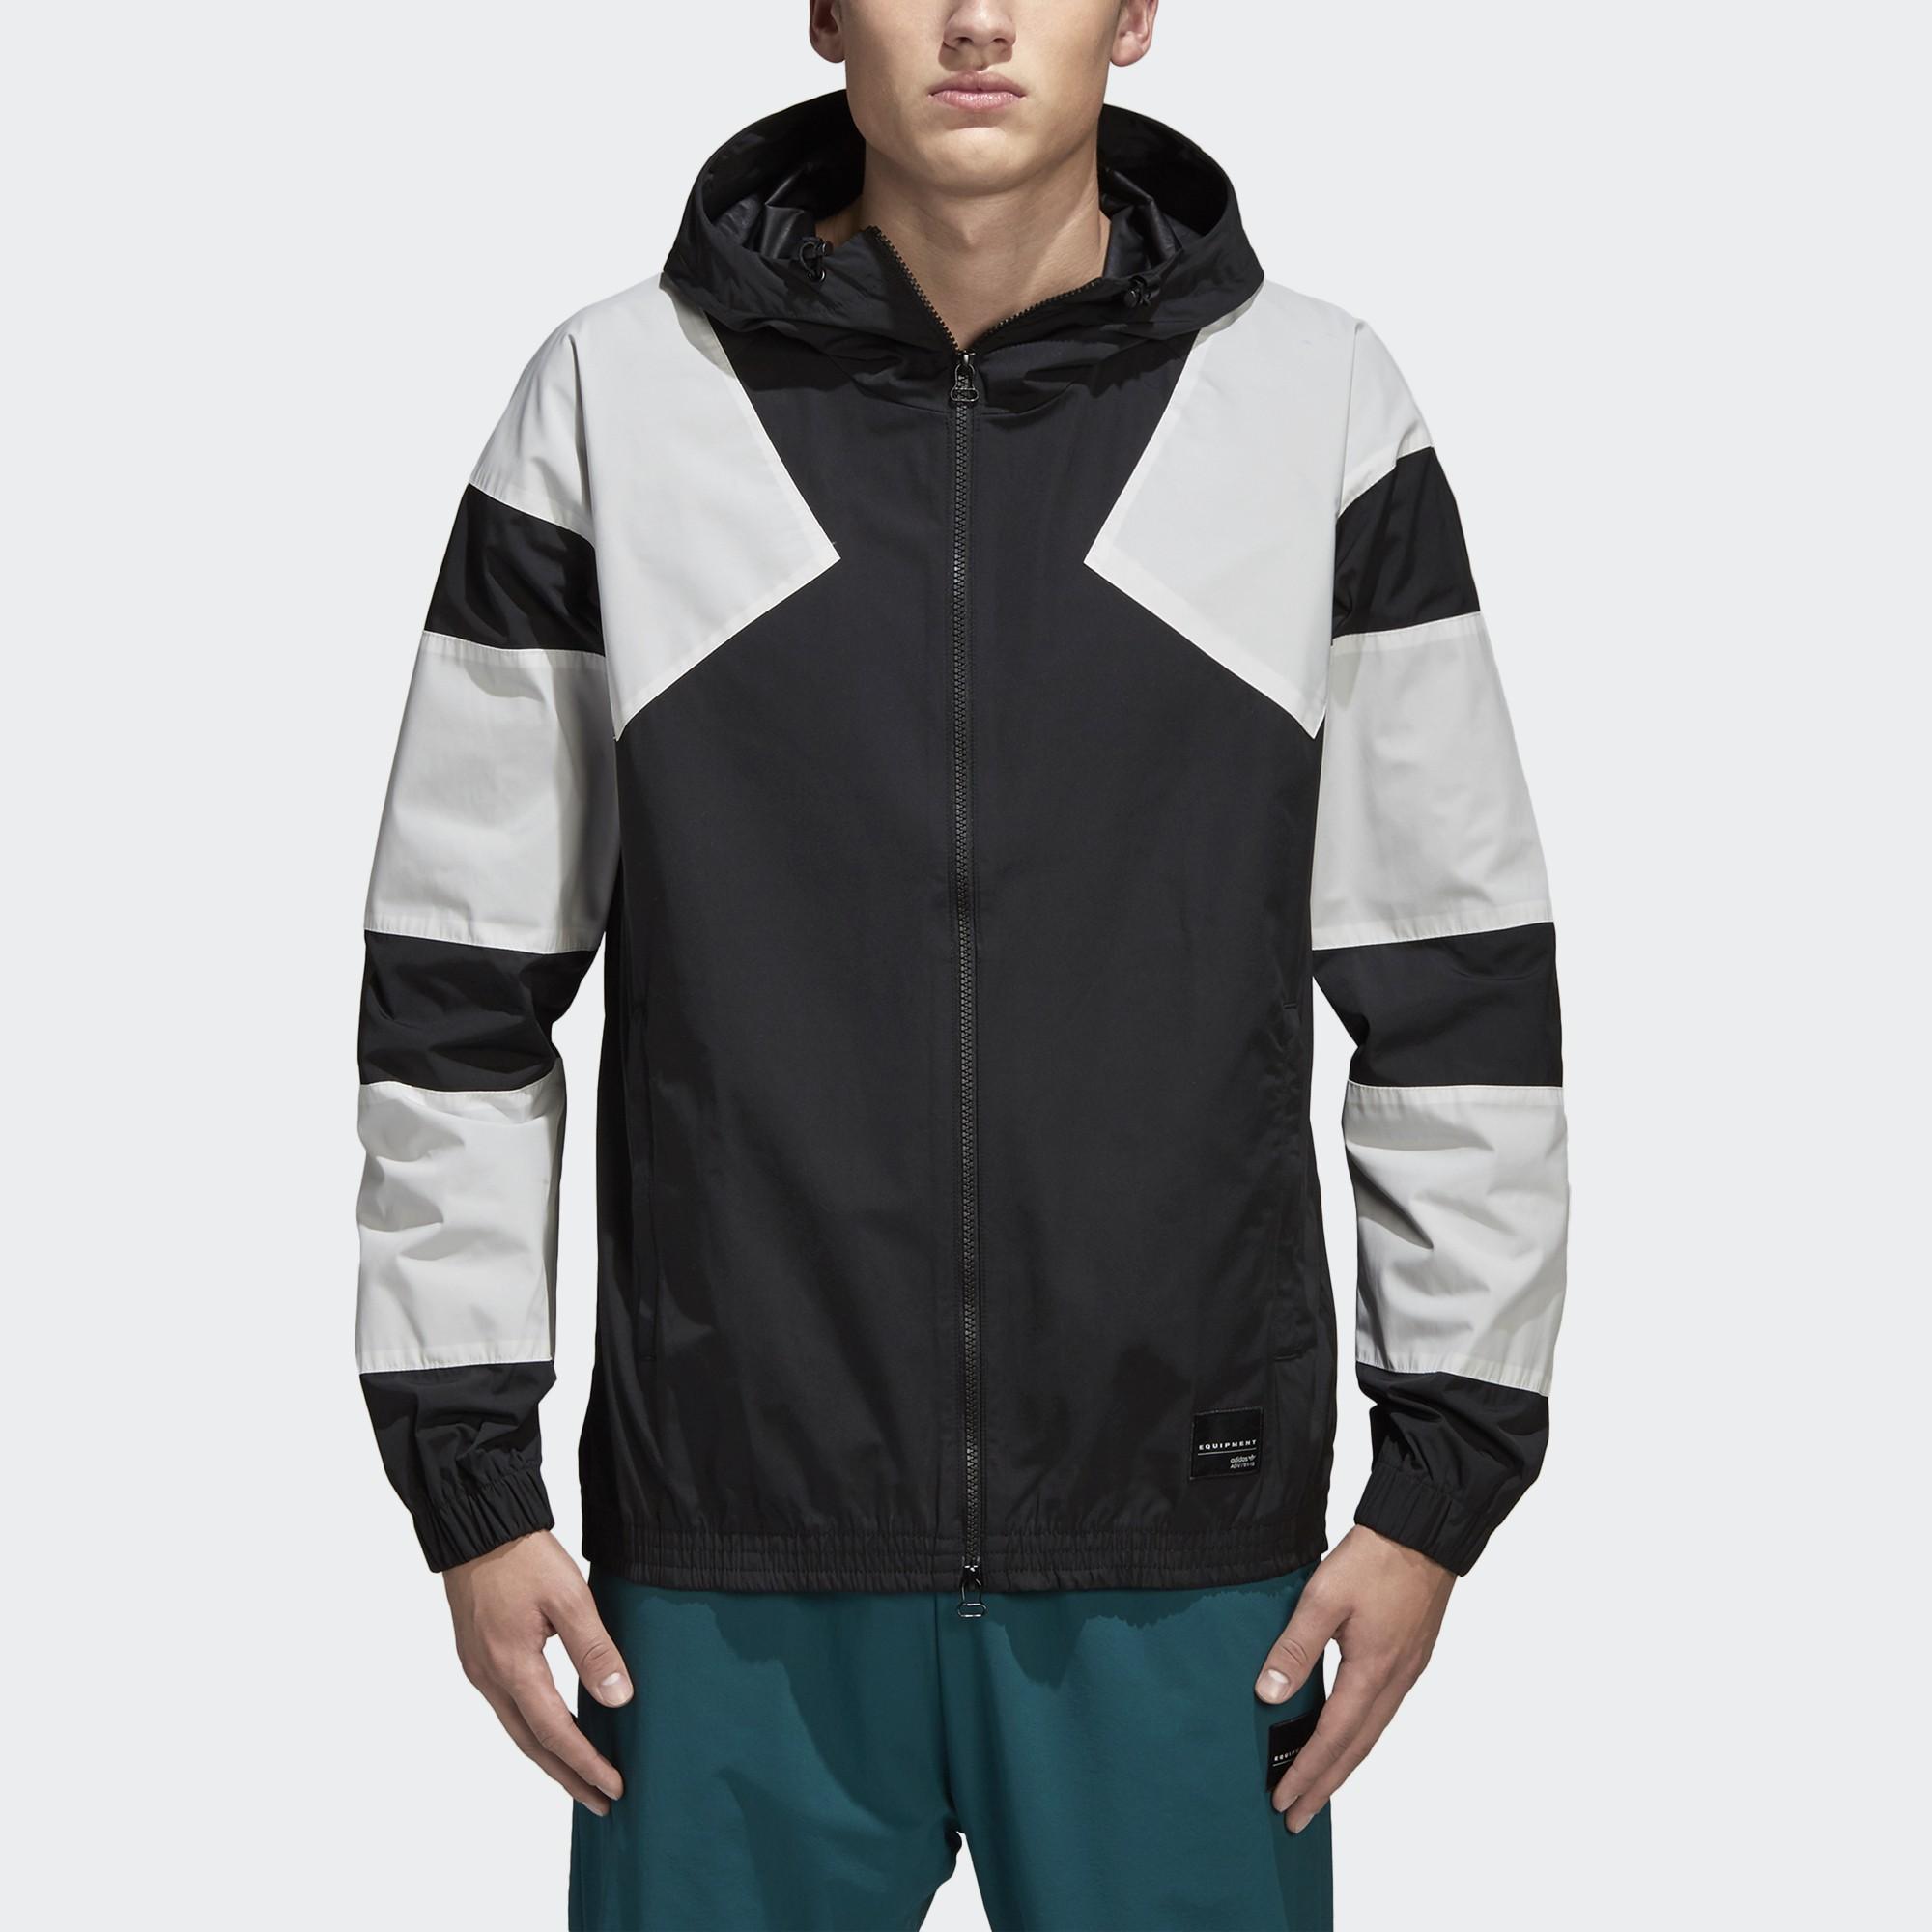 adidas Originals · WINDBREAKER Pánská bunda 0275a0e5185